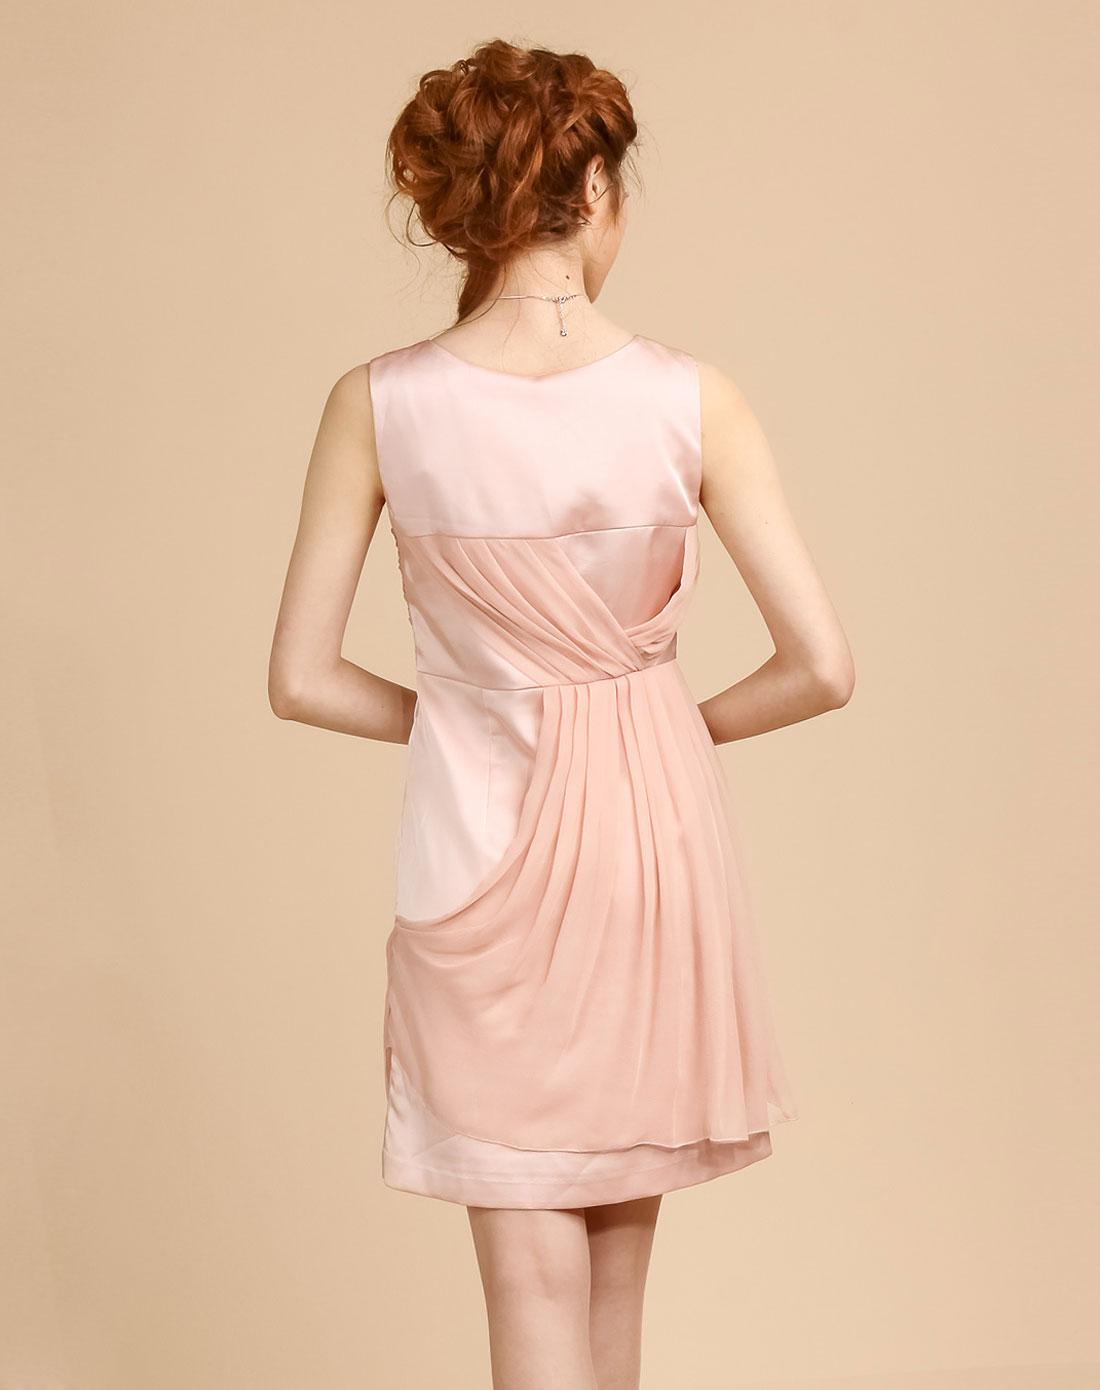 粉红色立裁精致优雅小礼服图片